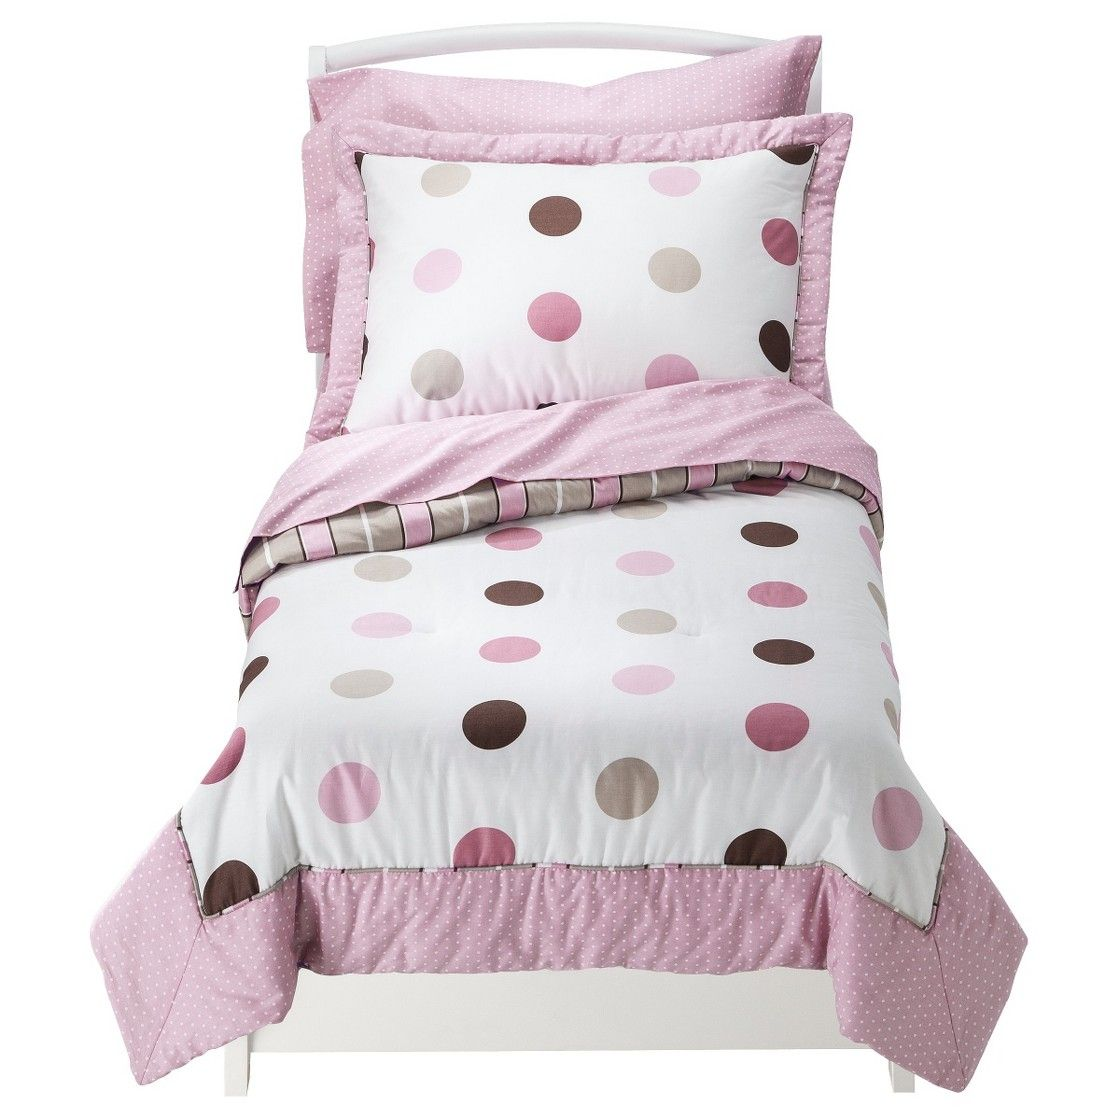 Sweet Jojo Designs Pink Mod Dots 5 Pc Toddler Bedding Set